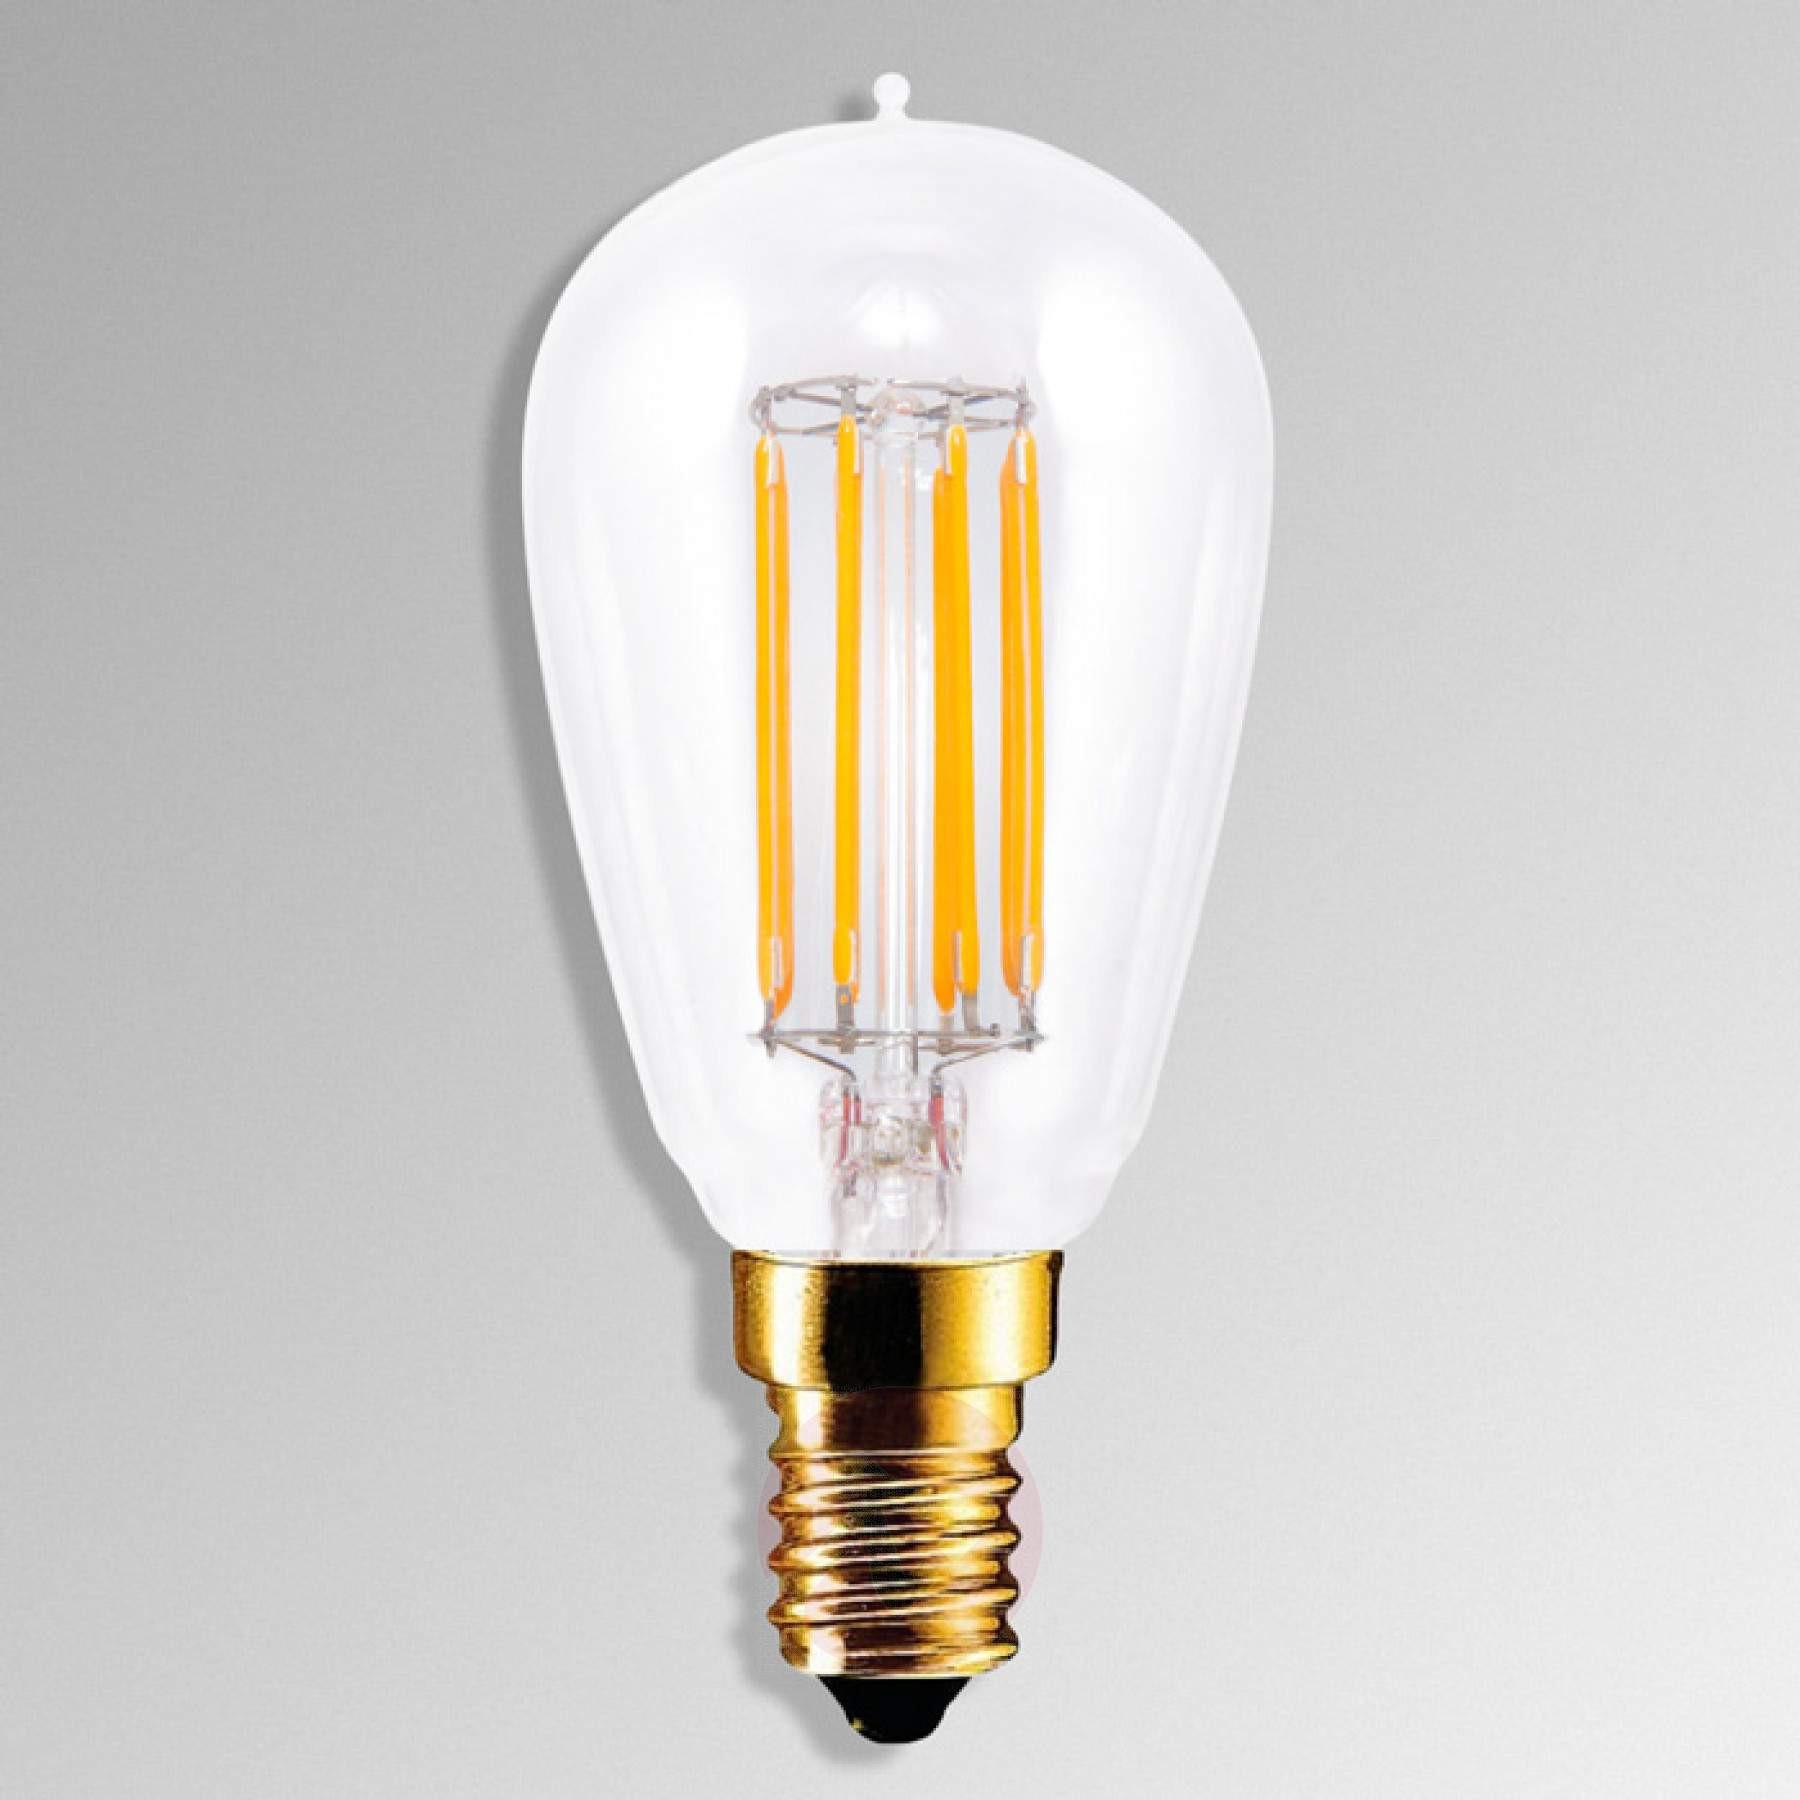 Led Lampen E14  E14 4 7W 922 LED lamp in kooldraad look